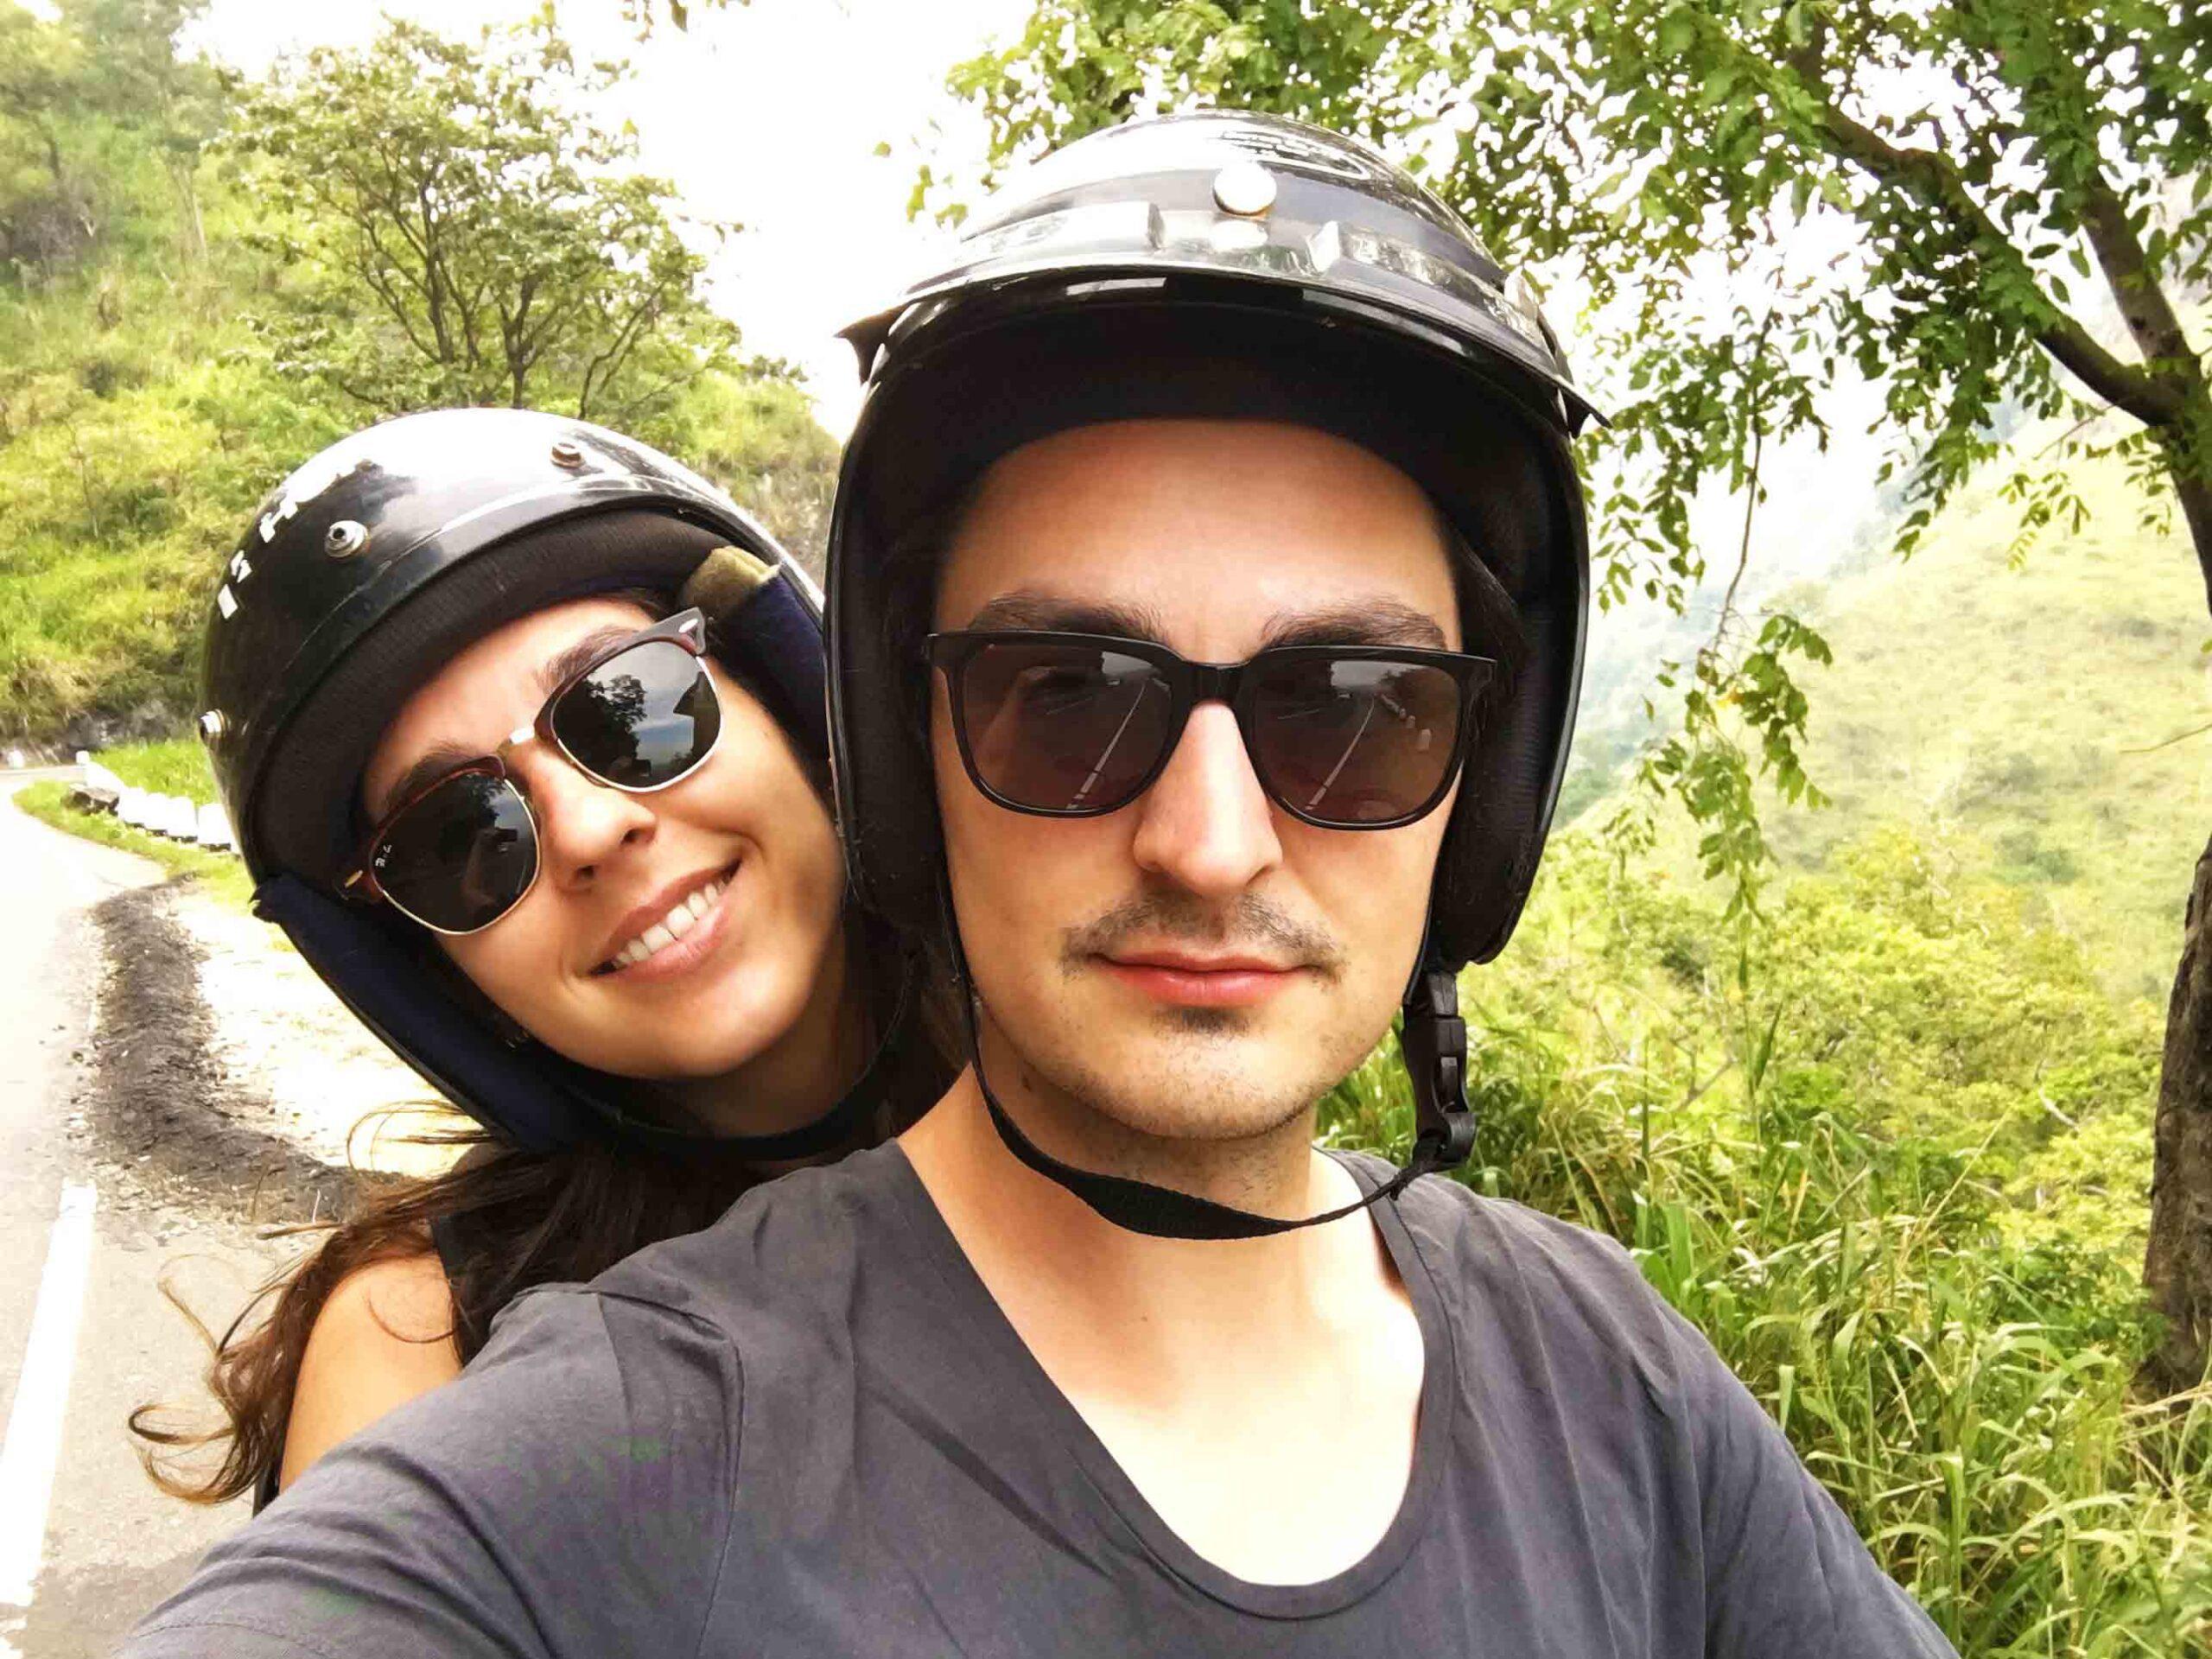 driving scooter ella hills sri lanka